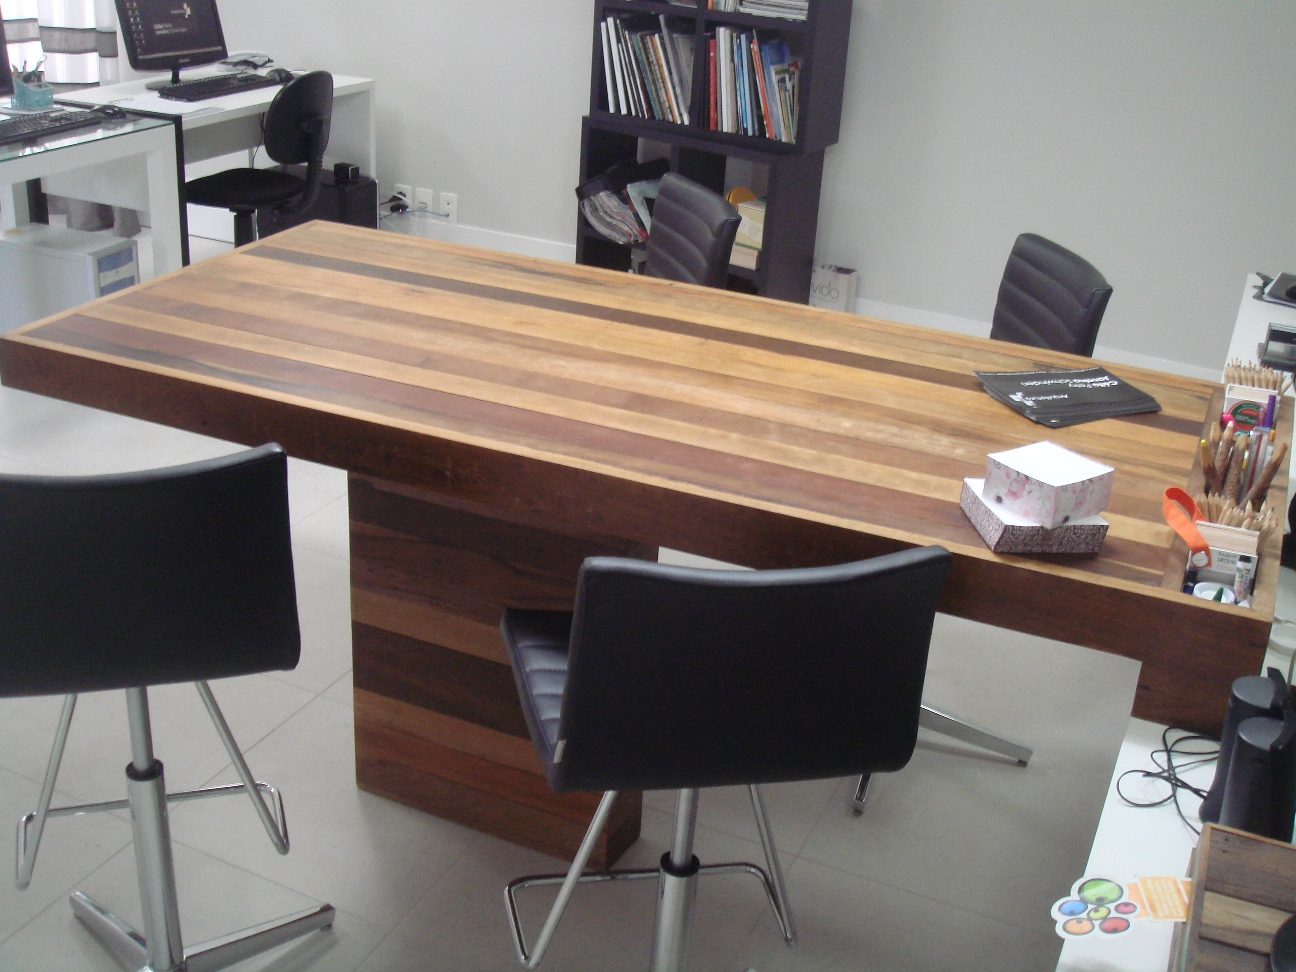 Mesa de reunião Escritório das arquitetas Janaina e Célia  #8E673D 1296x972